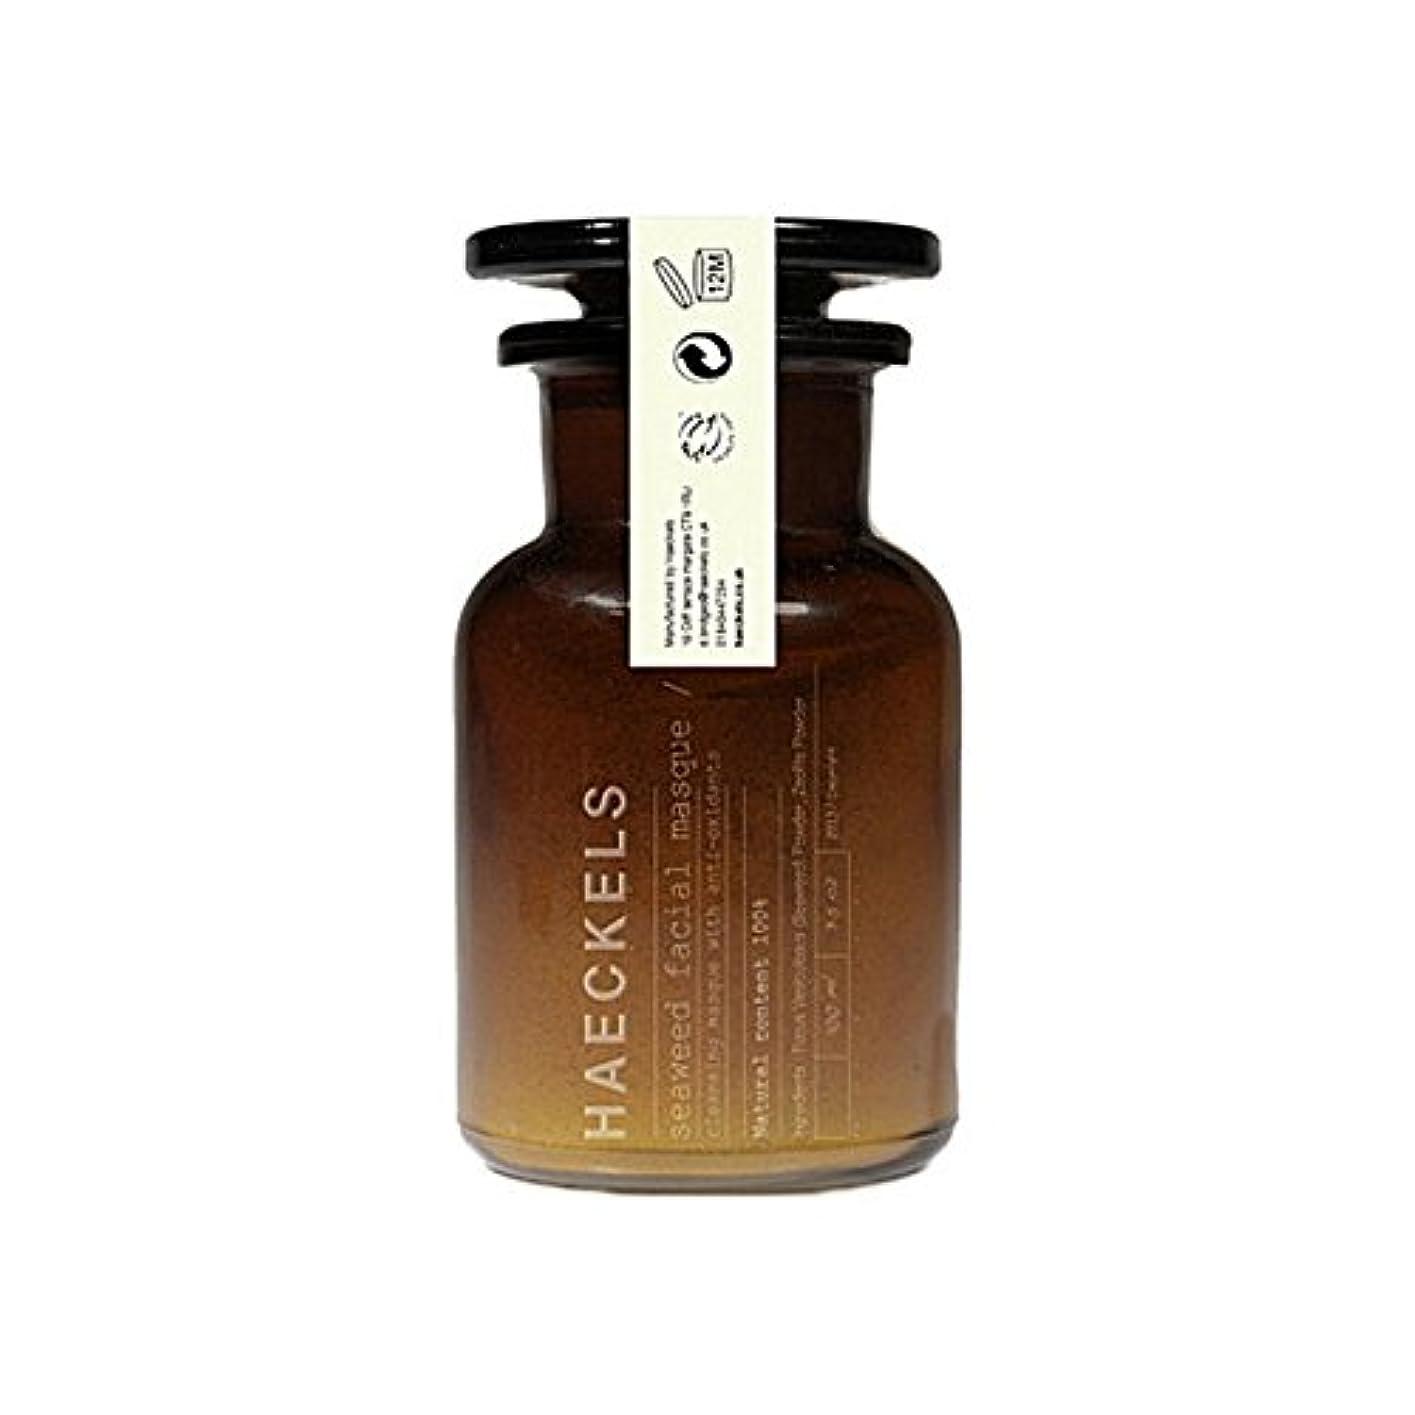 海藻やミネラルフェイスマスク100ミリリットルを x4 - Haeckels Seaweed And Mineral Face Mask 100Ml (Pack of 4) [並行輸入品]